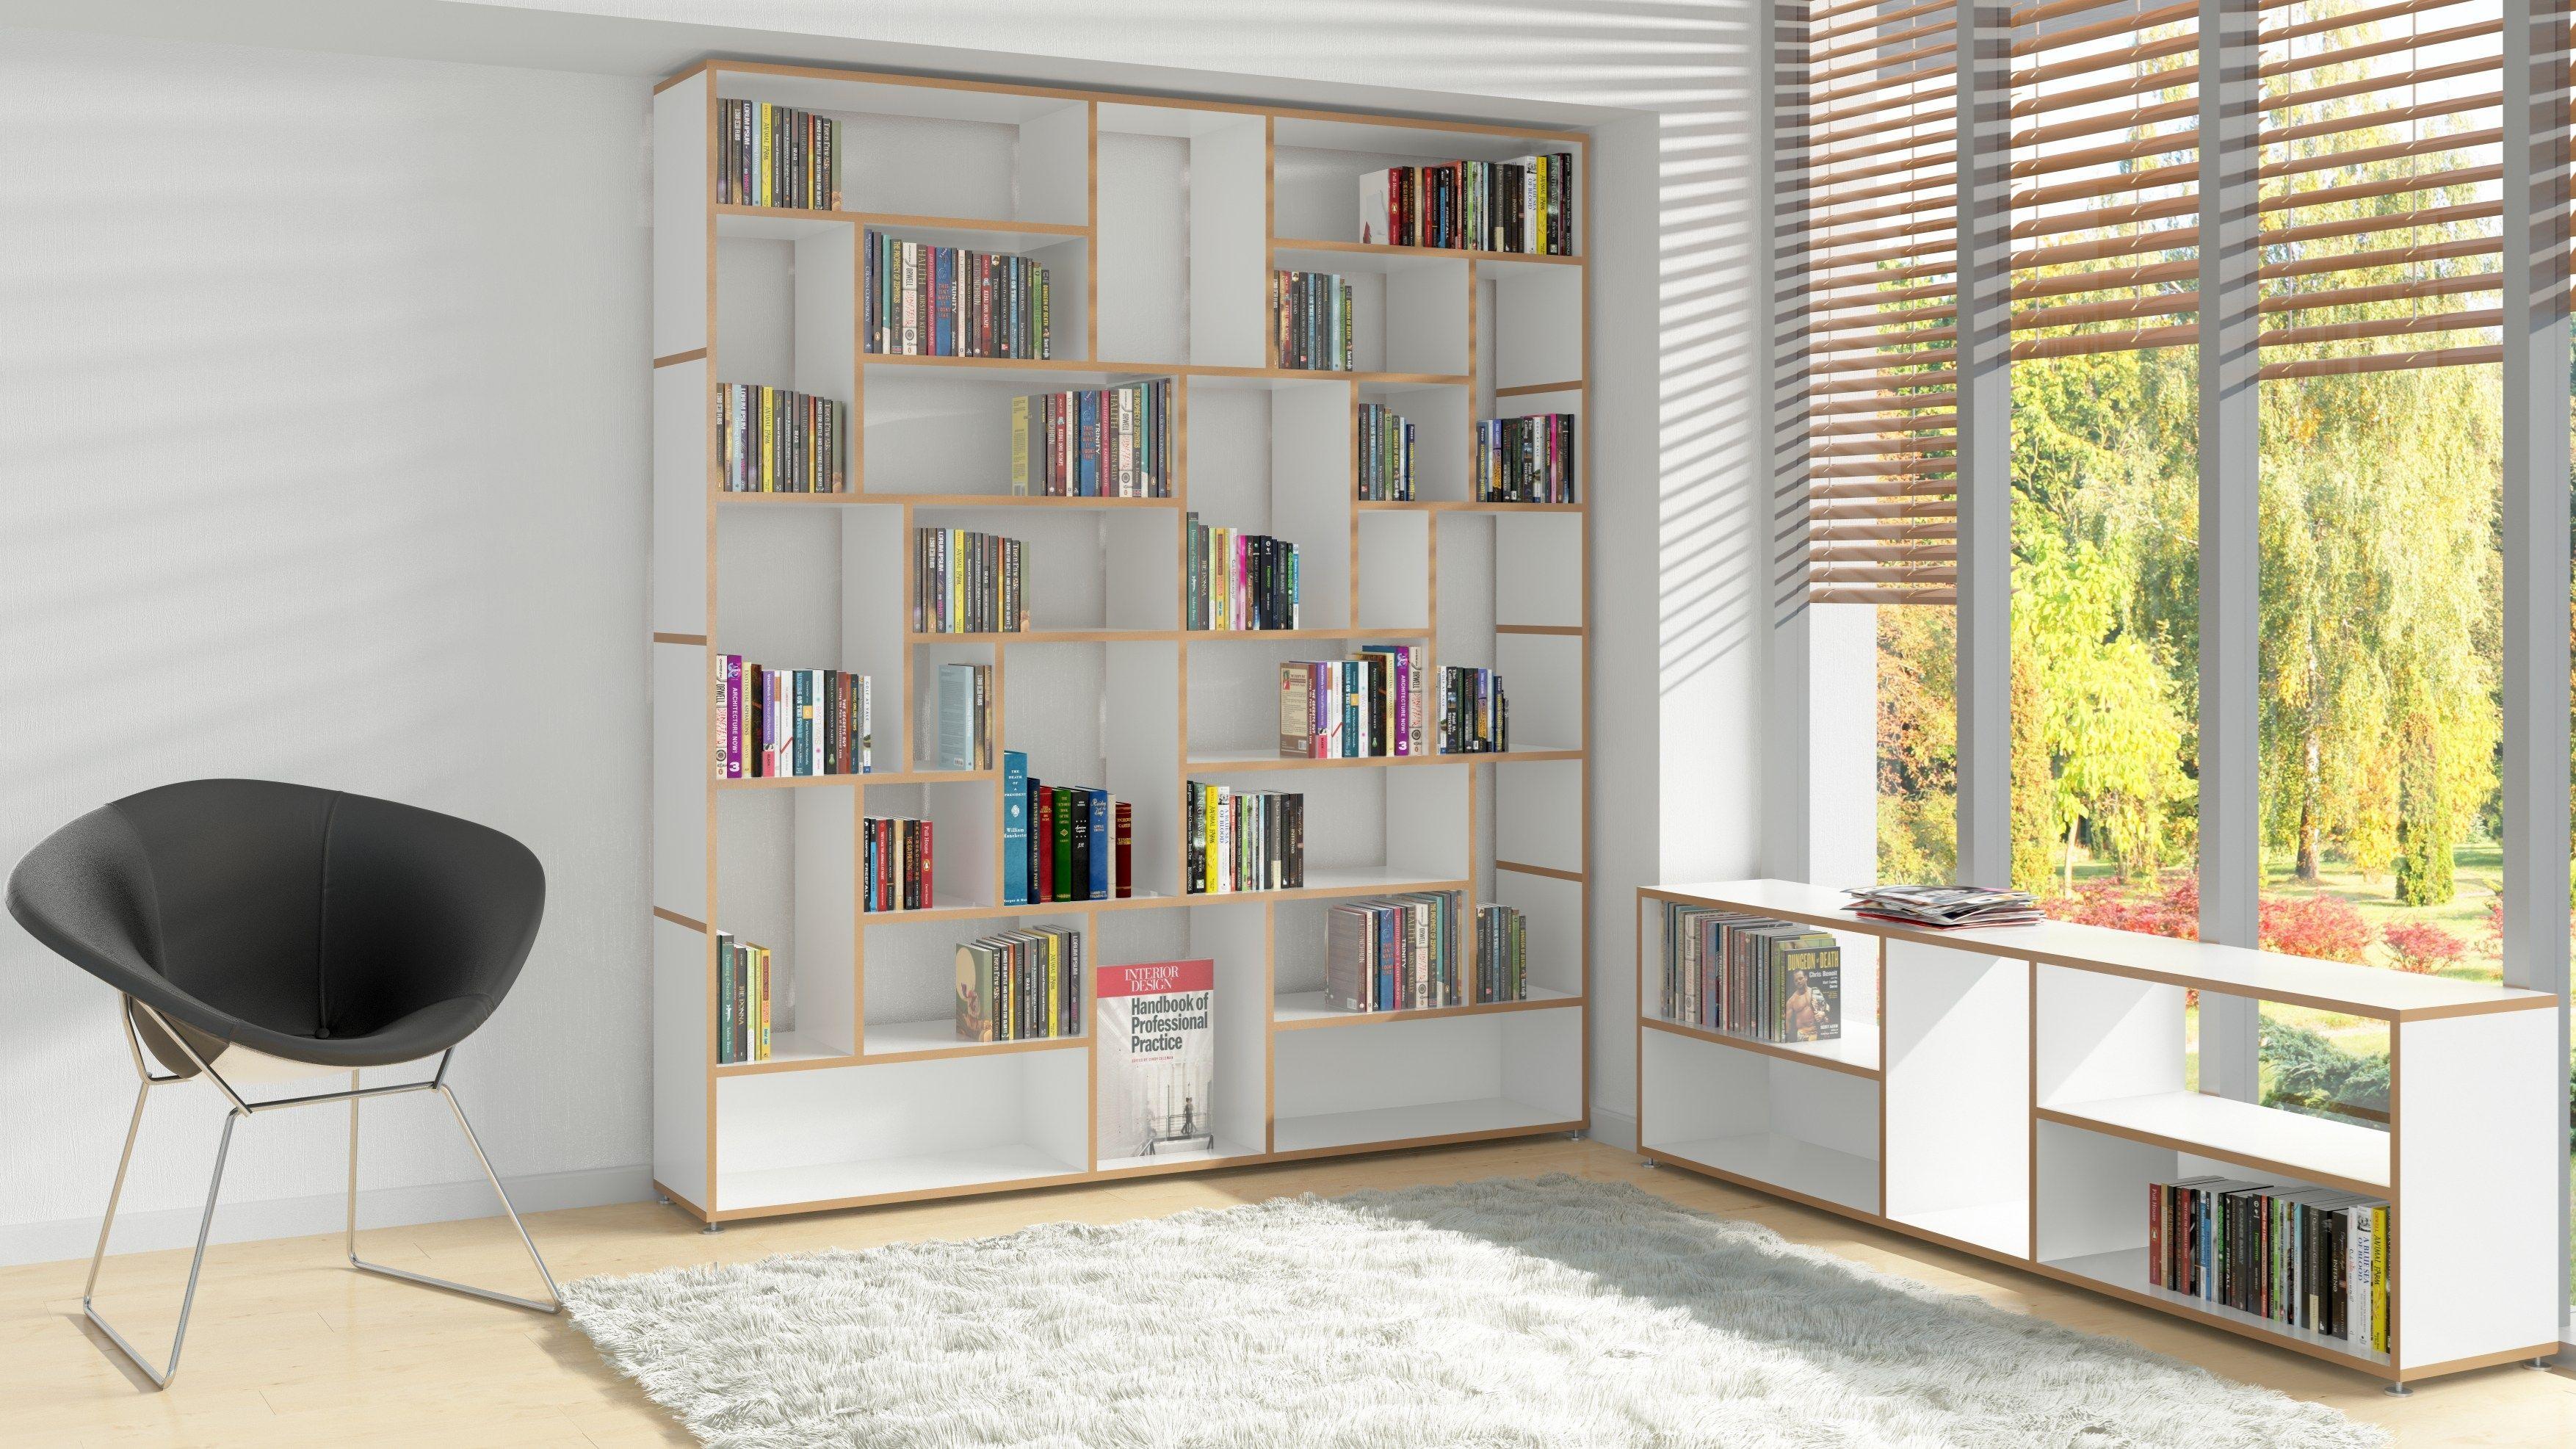 Design Bücherregale hanibal bücherregale möbel und designs